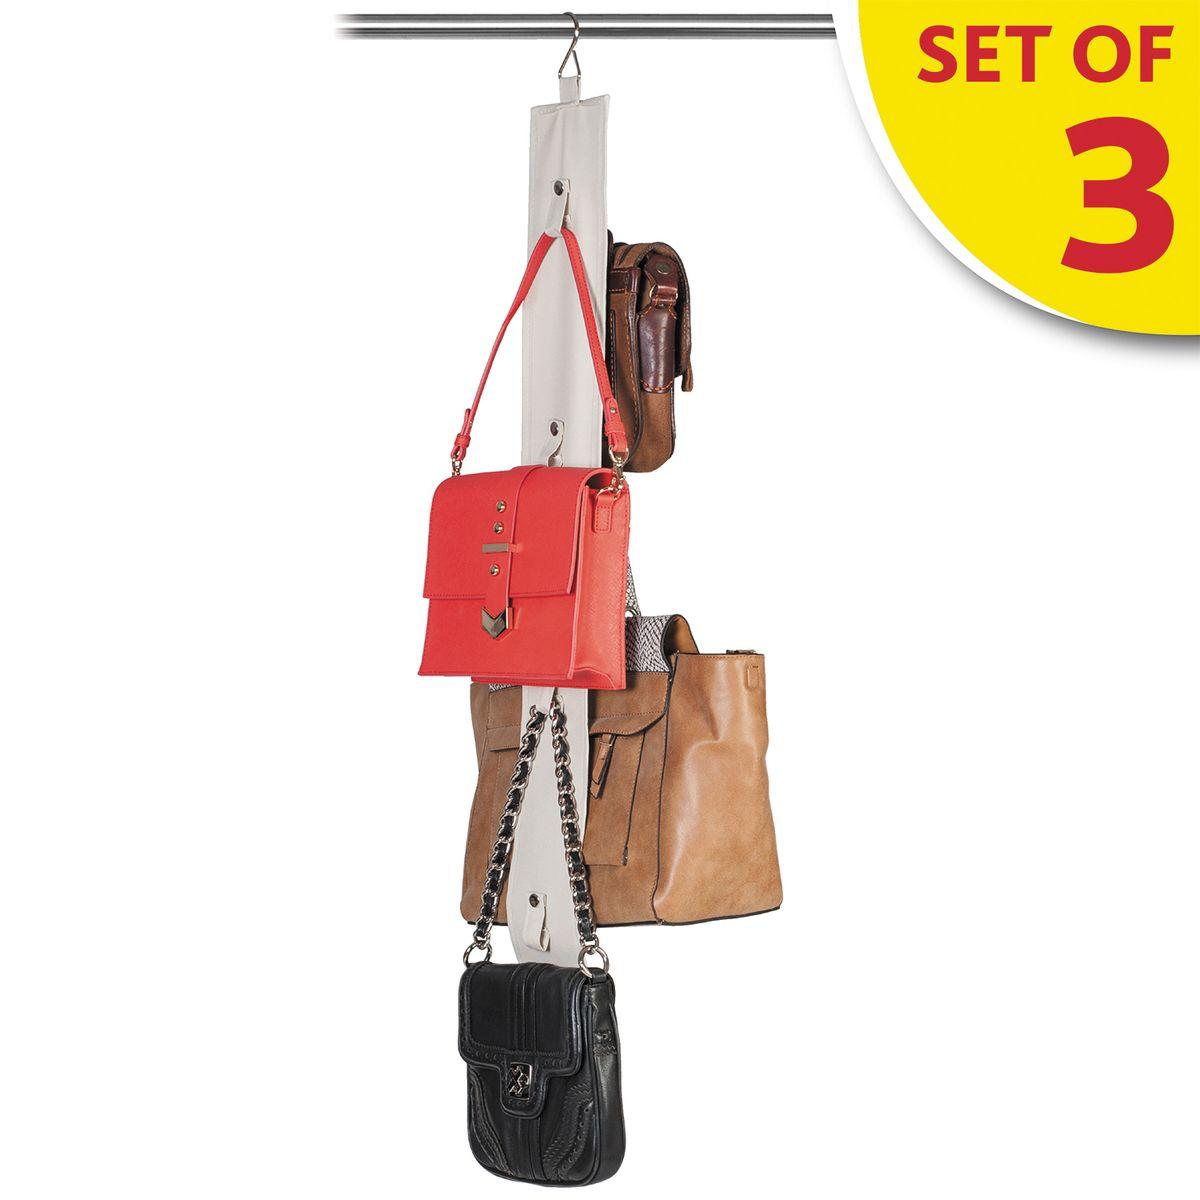 Набор органайзеров для хранения сумок в шкафу Tatkraft Roo, 3 шт16132Tatkraft ROO Набор из трех органайзеров для хранения сумок в шкафу. Двусторонняя лента с вешалкой и 8 ремнями-петлями на кнопках для хранения сумок, кепок, бижутерии. Компактное хранение, экономит место. Размер:10?87 см.